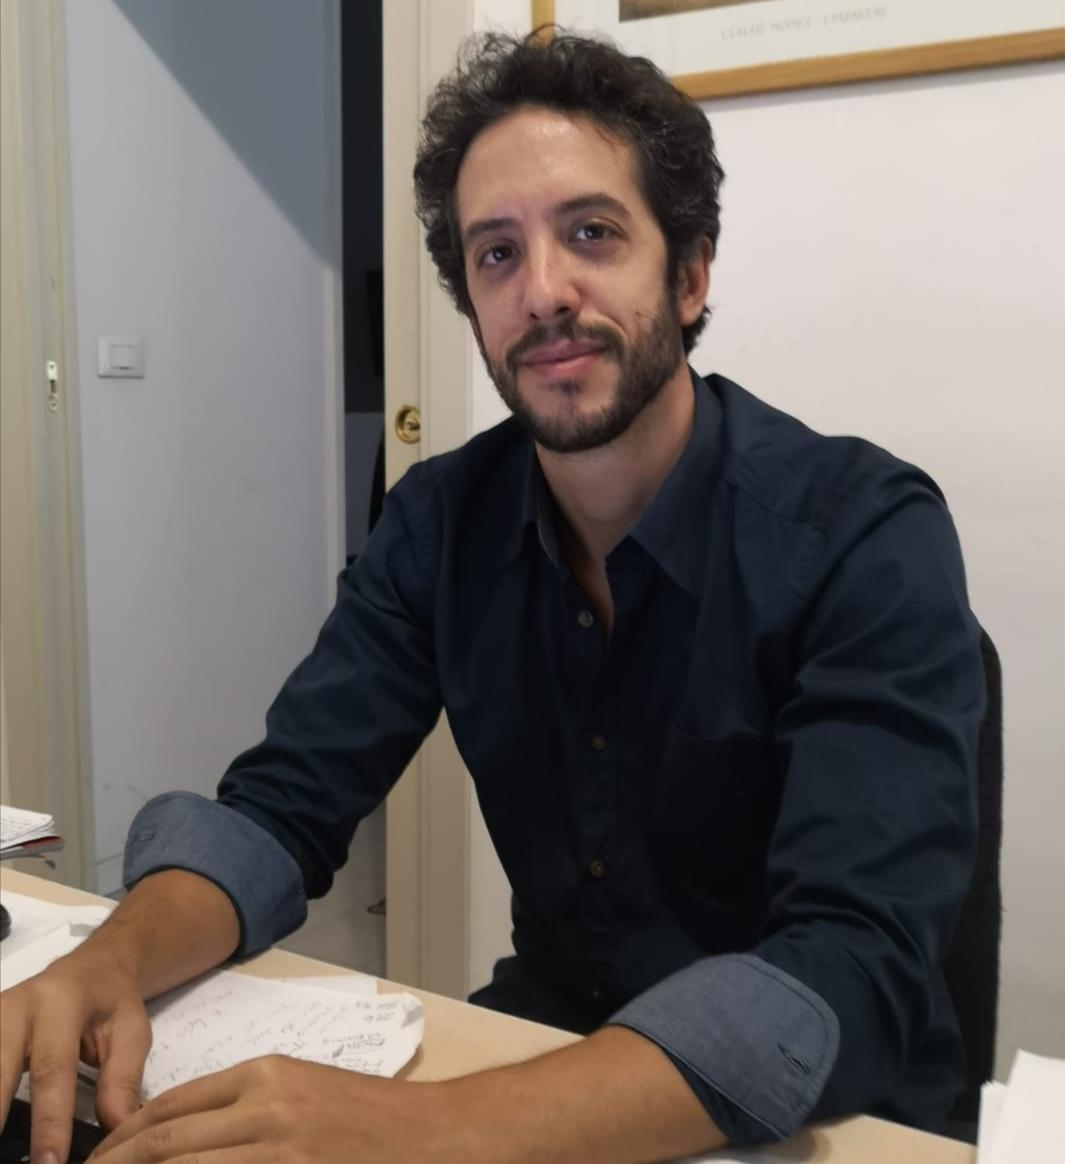 Alessio Urso